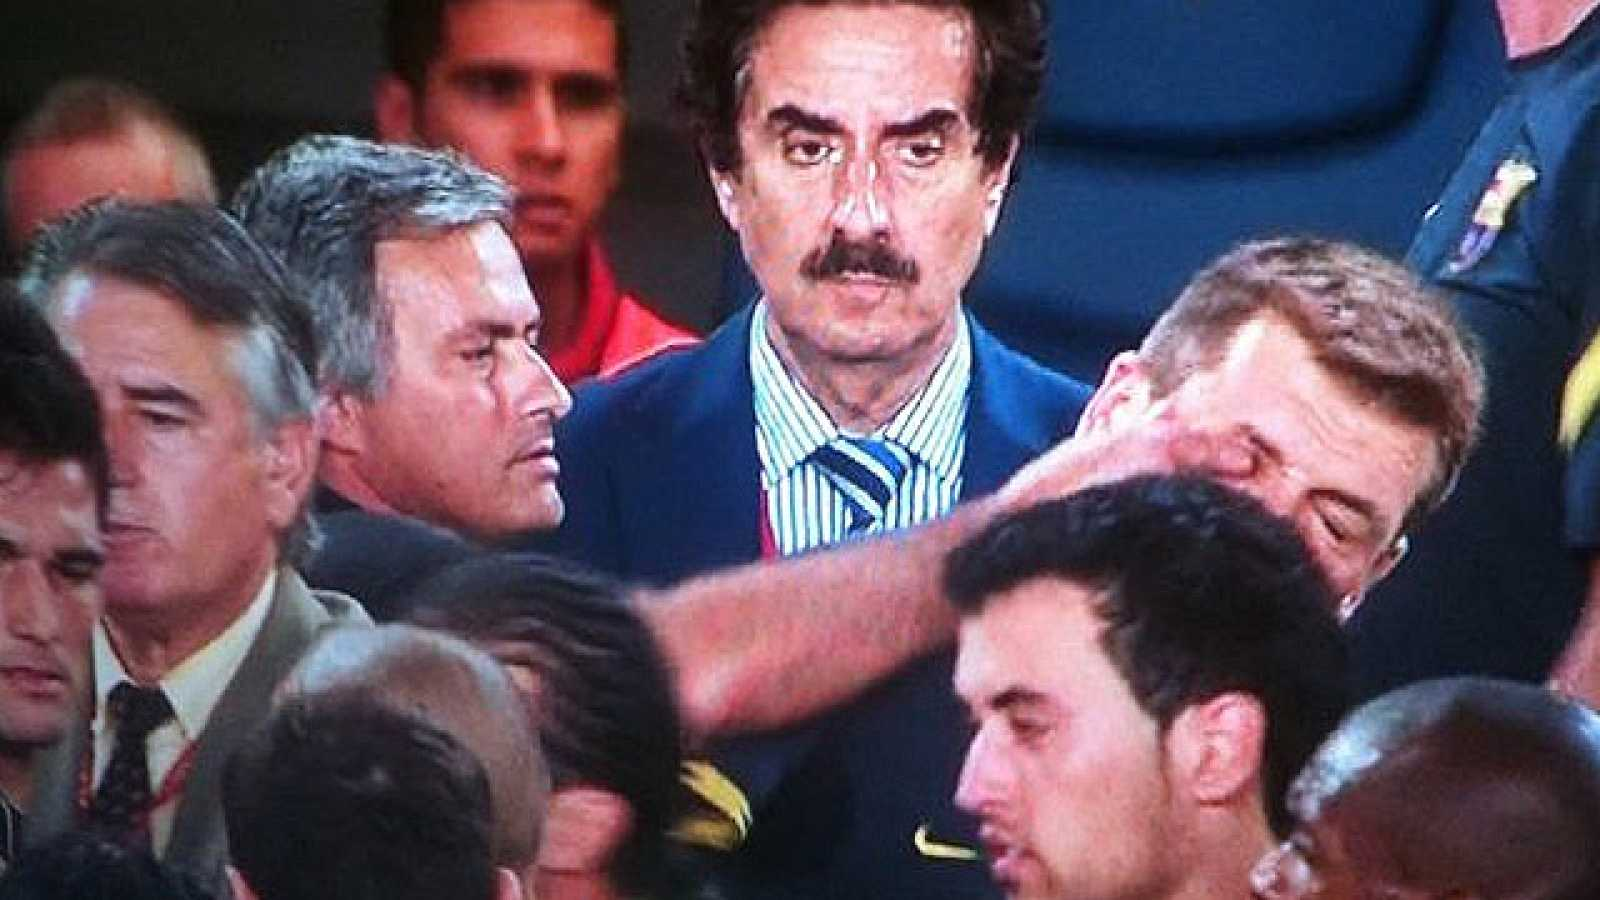 El entrenador del Real Madrid ha metido el dedo en el ojo al ayudante de Pep Guardiola, Tito Vilanova, en la tangana que se ha producido al final del partido de vuelta de la Supercopa de España.